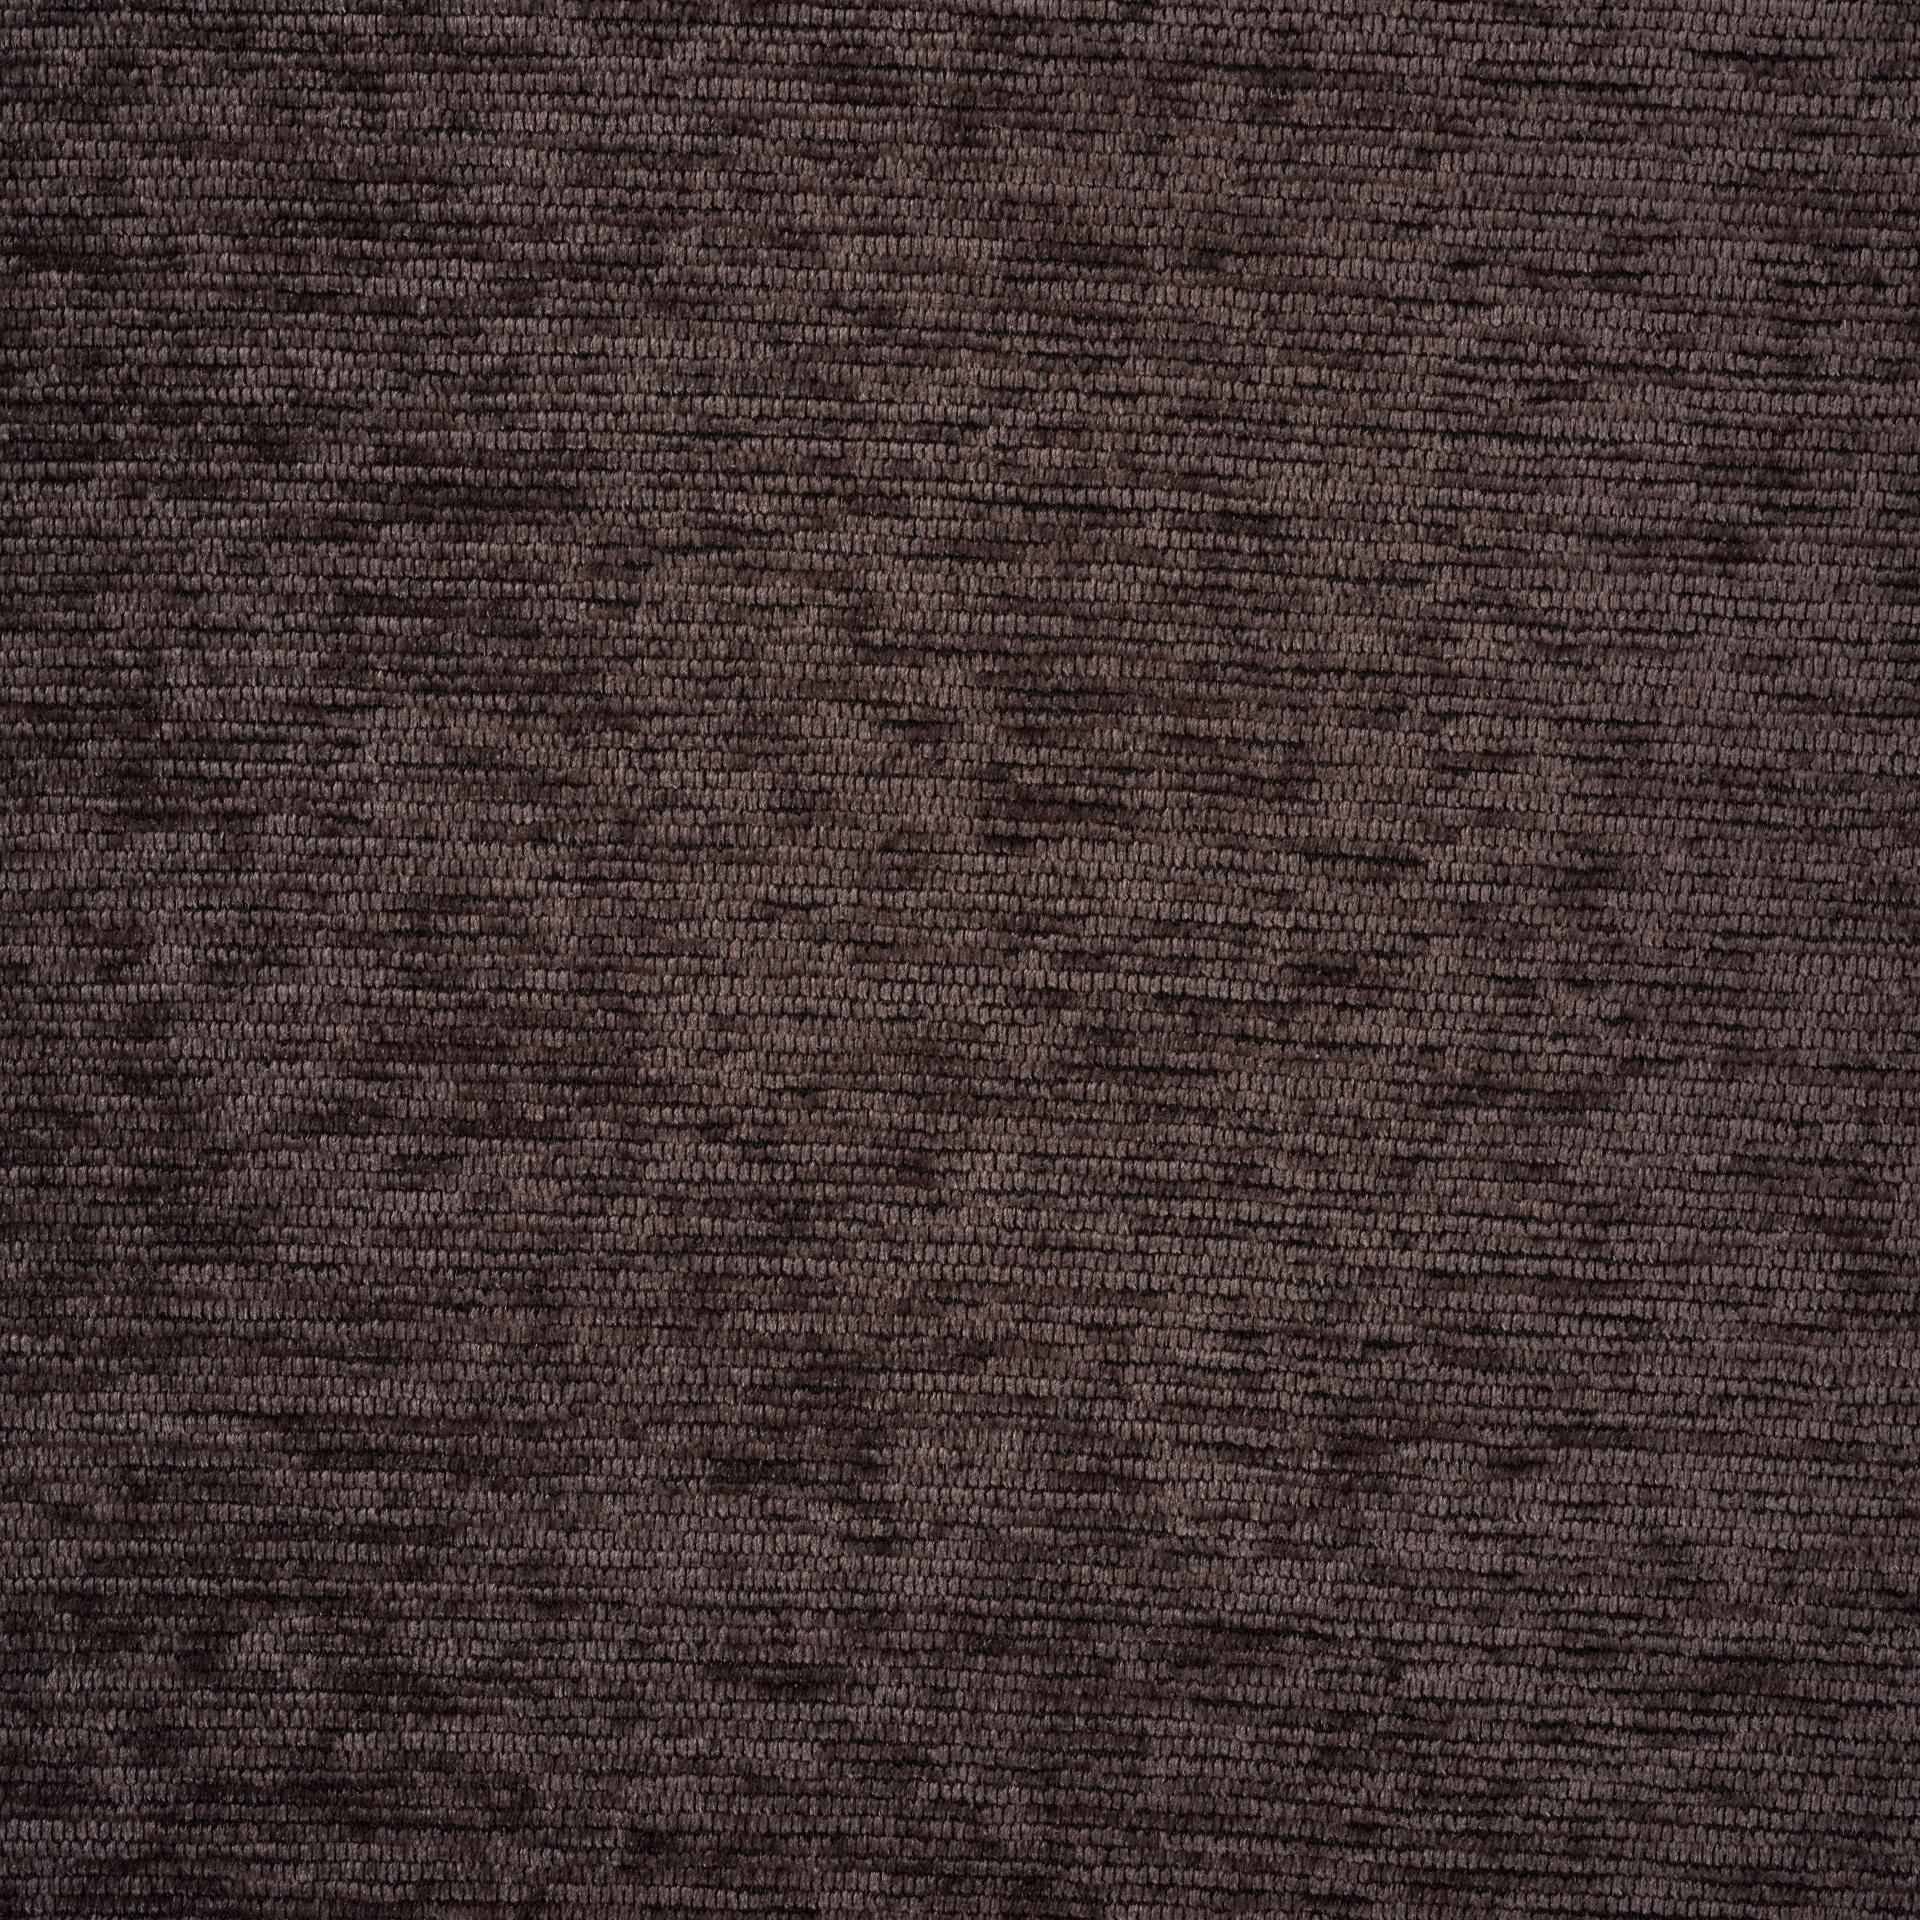 Коллекция ткани Бостон комбин BERRY,  купить ткань Шенилл для мебели Украина